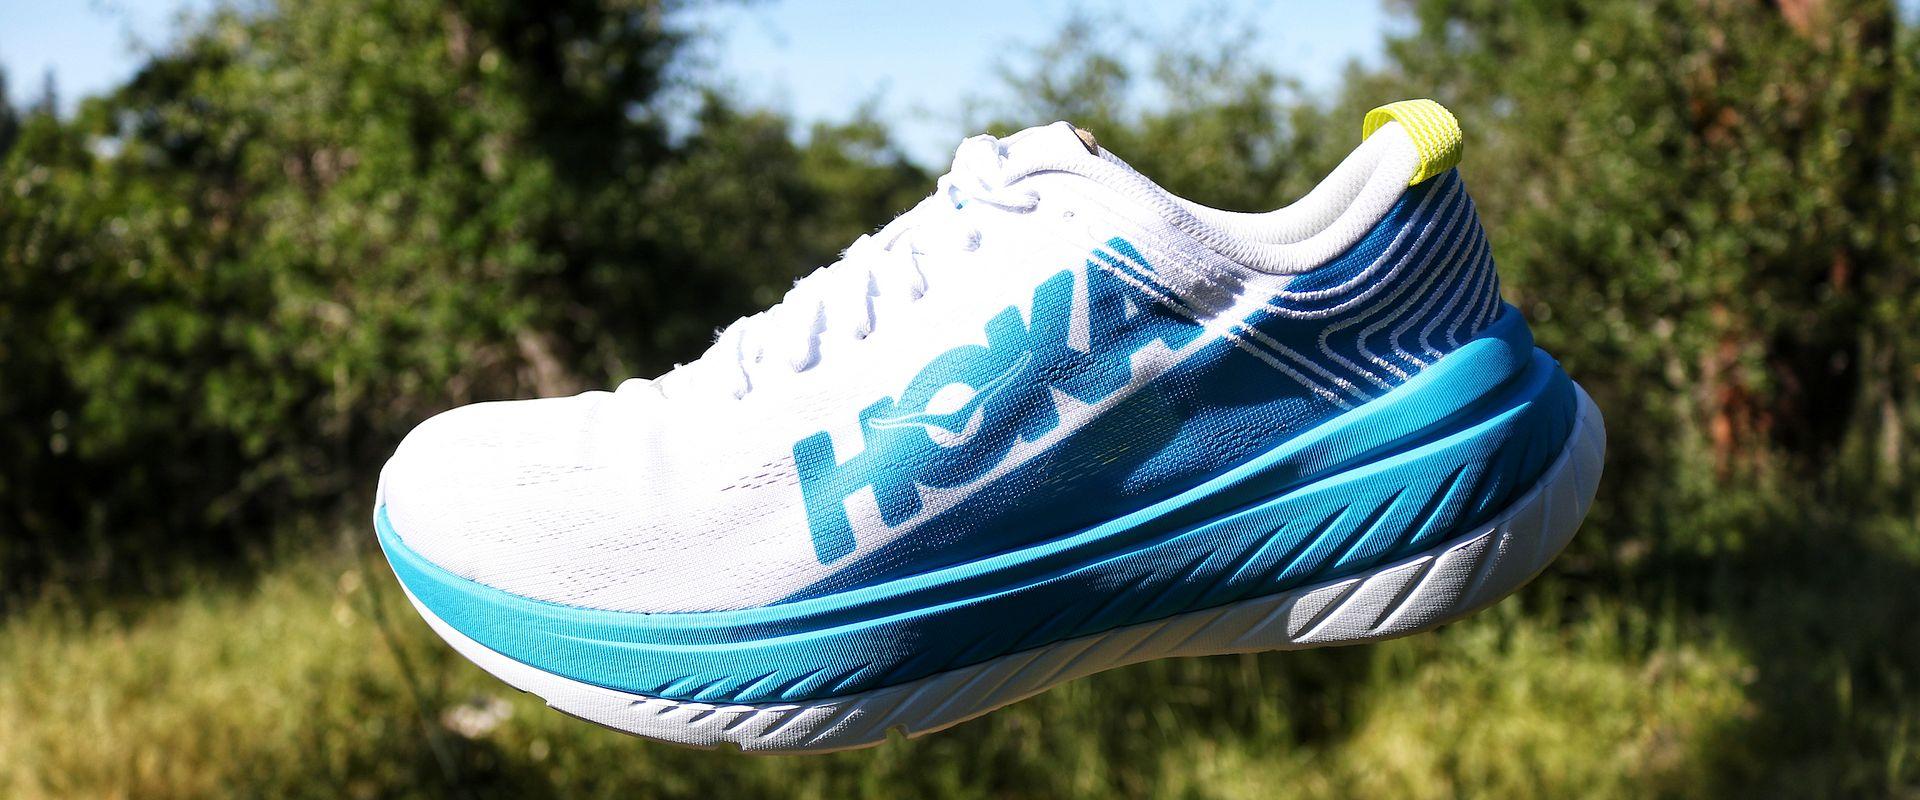 hoka stability running